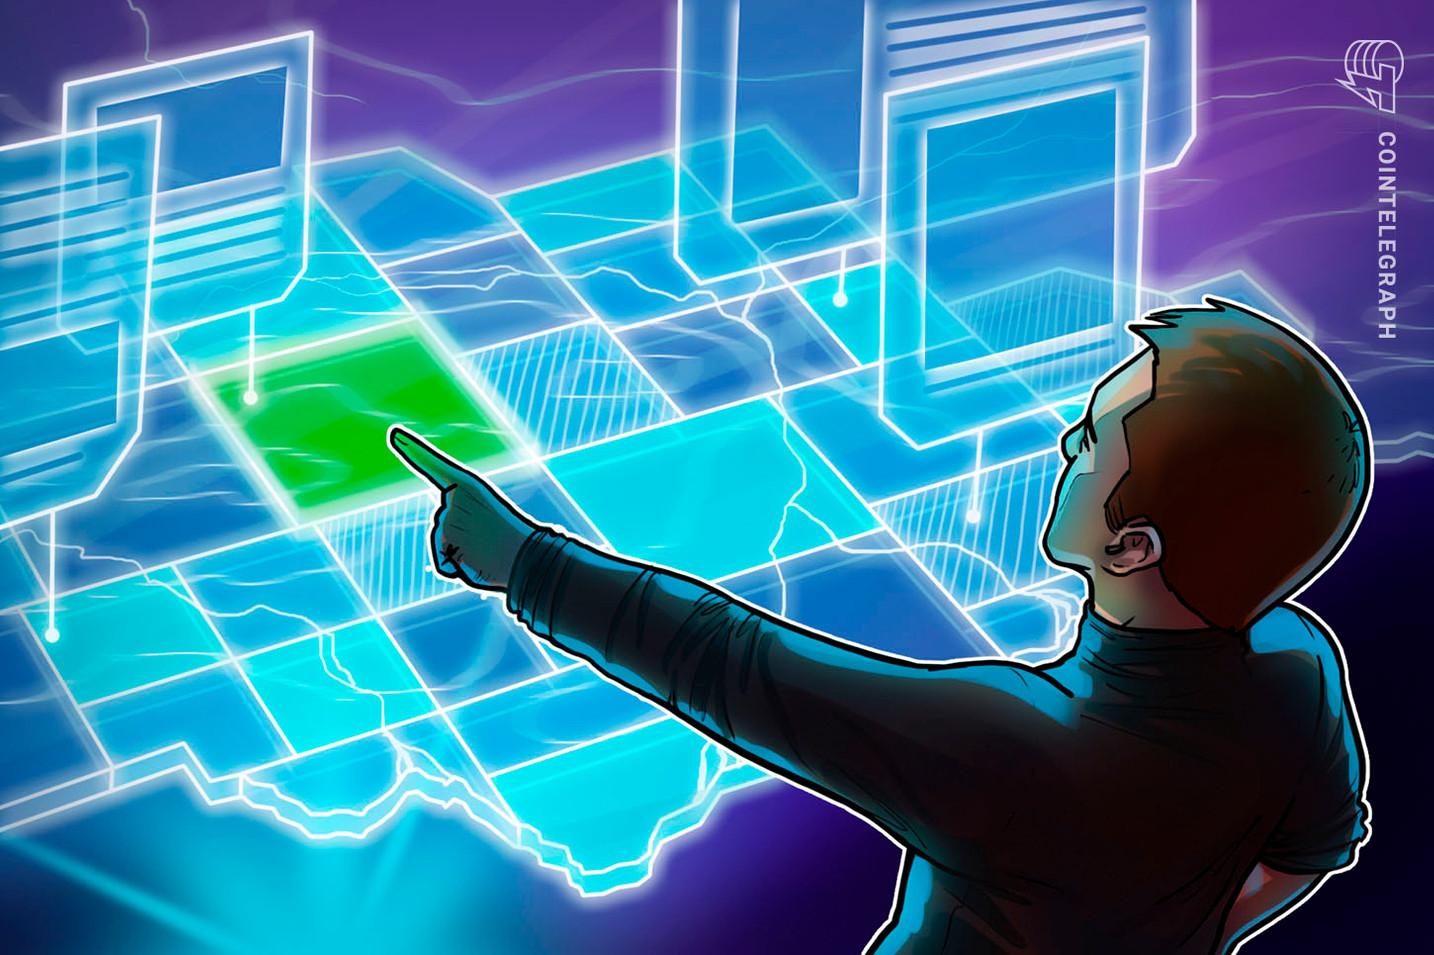 La tierra virtual basada en Blockchain se vende rápidamente